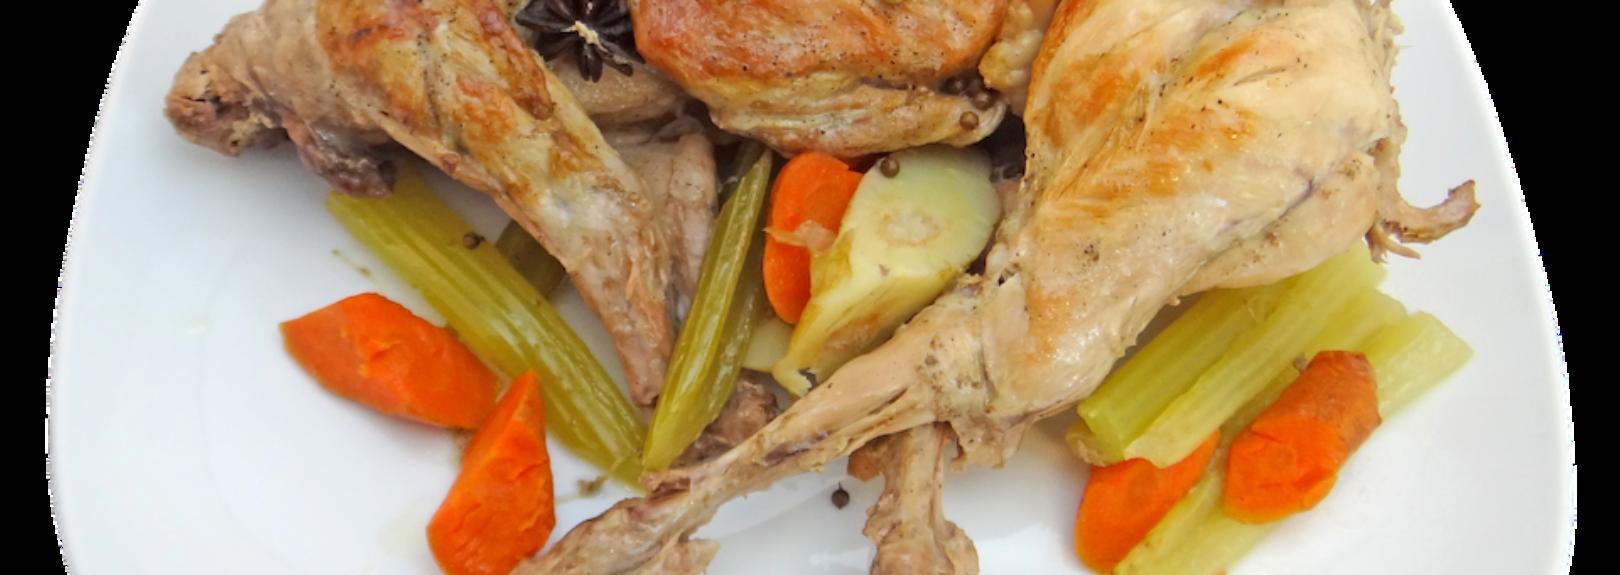 Šetřící dieta jídelníček vůbec nemusí být nudný